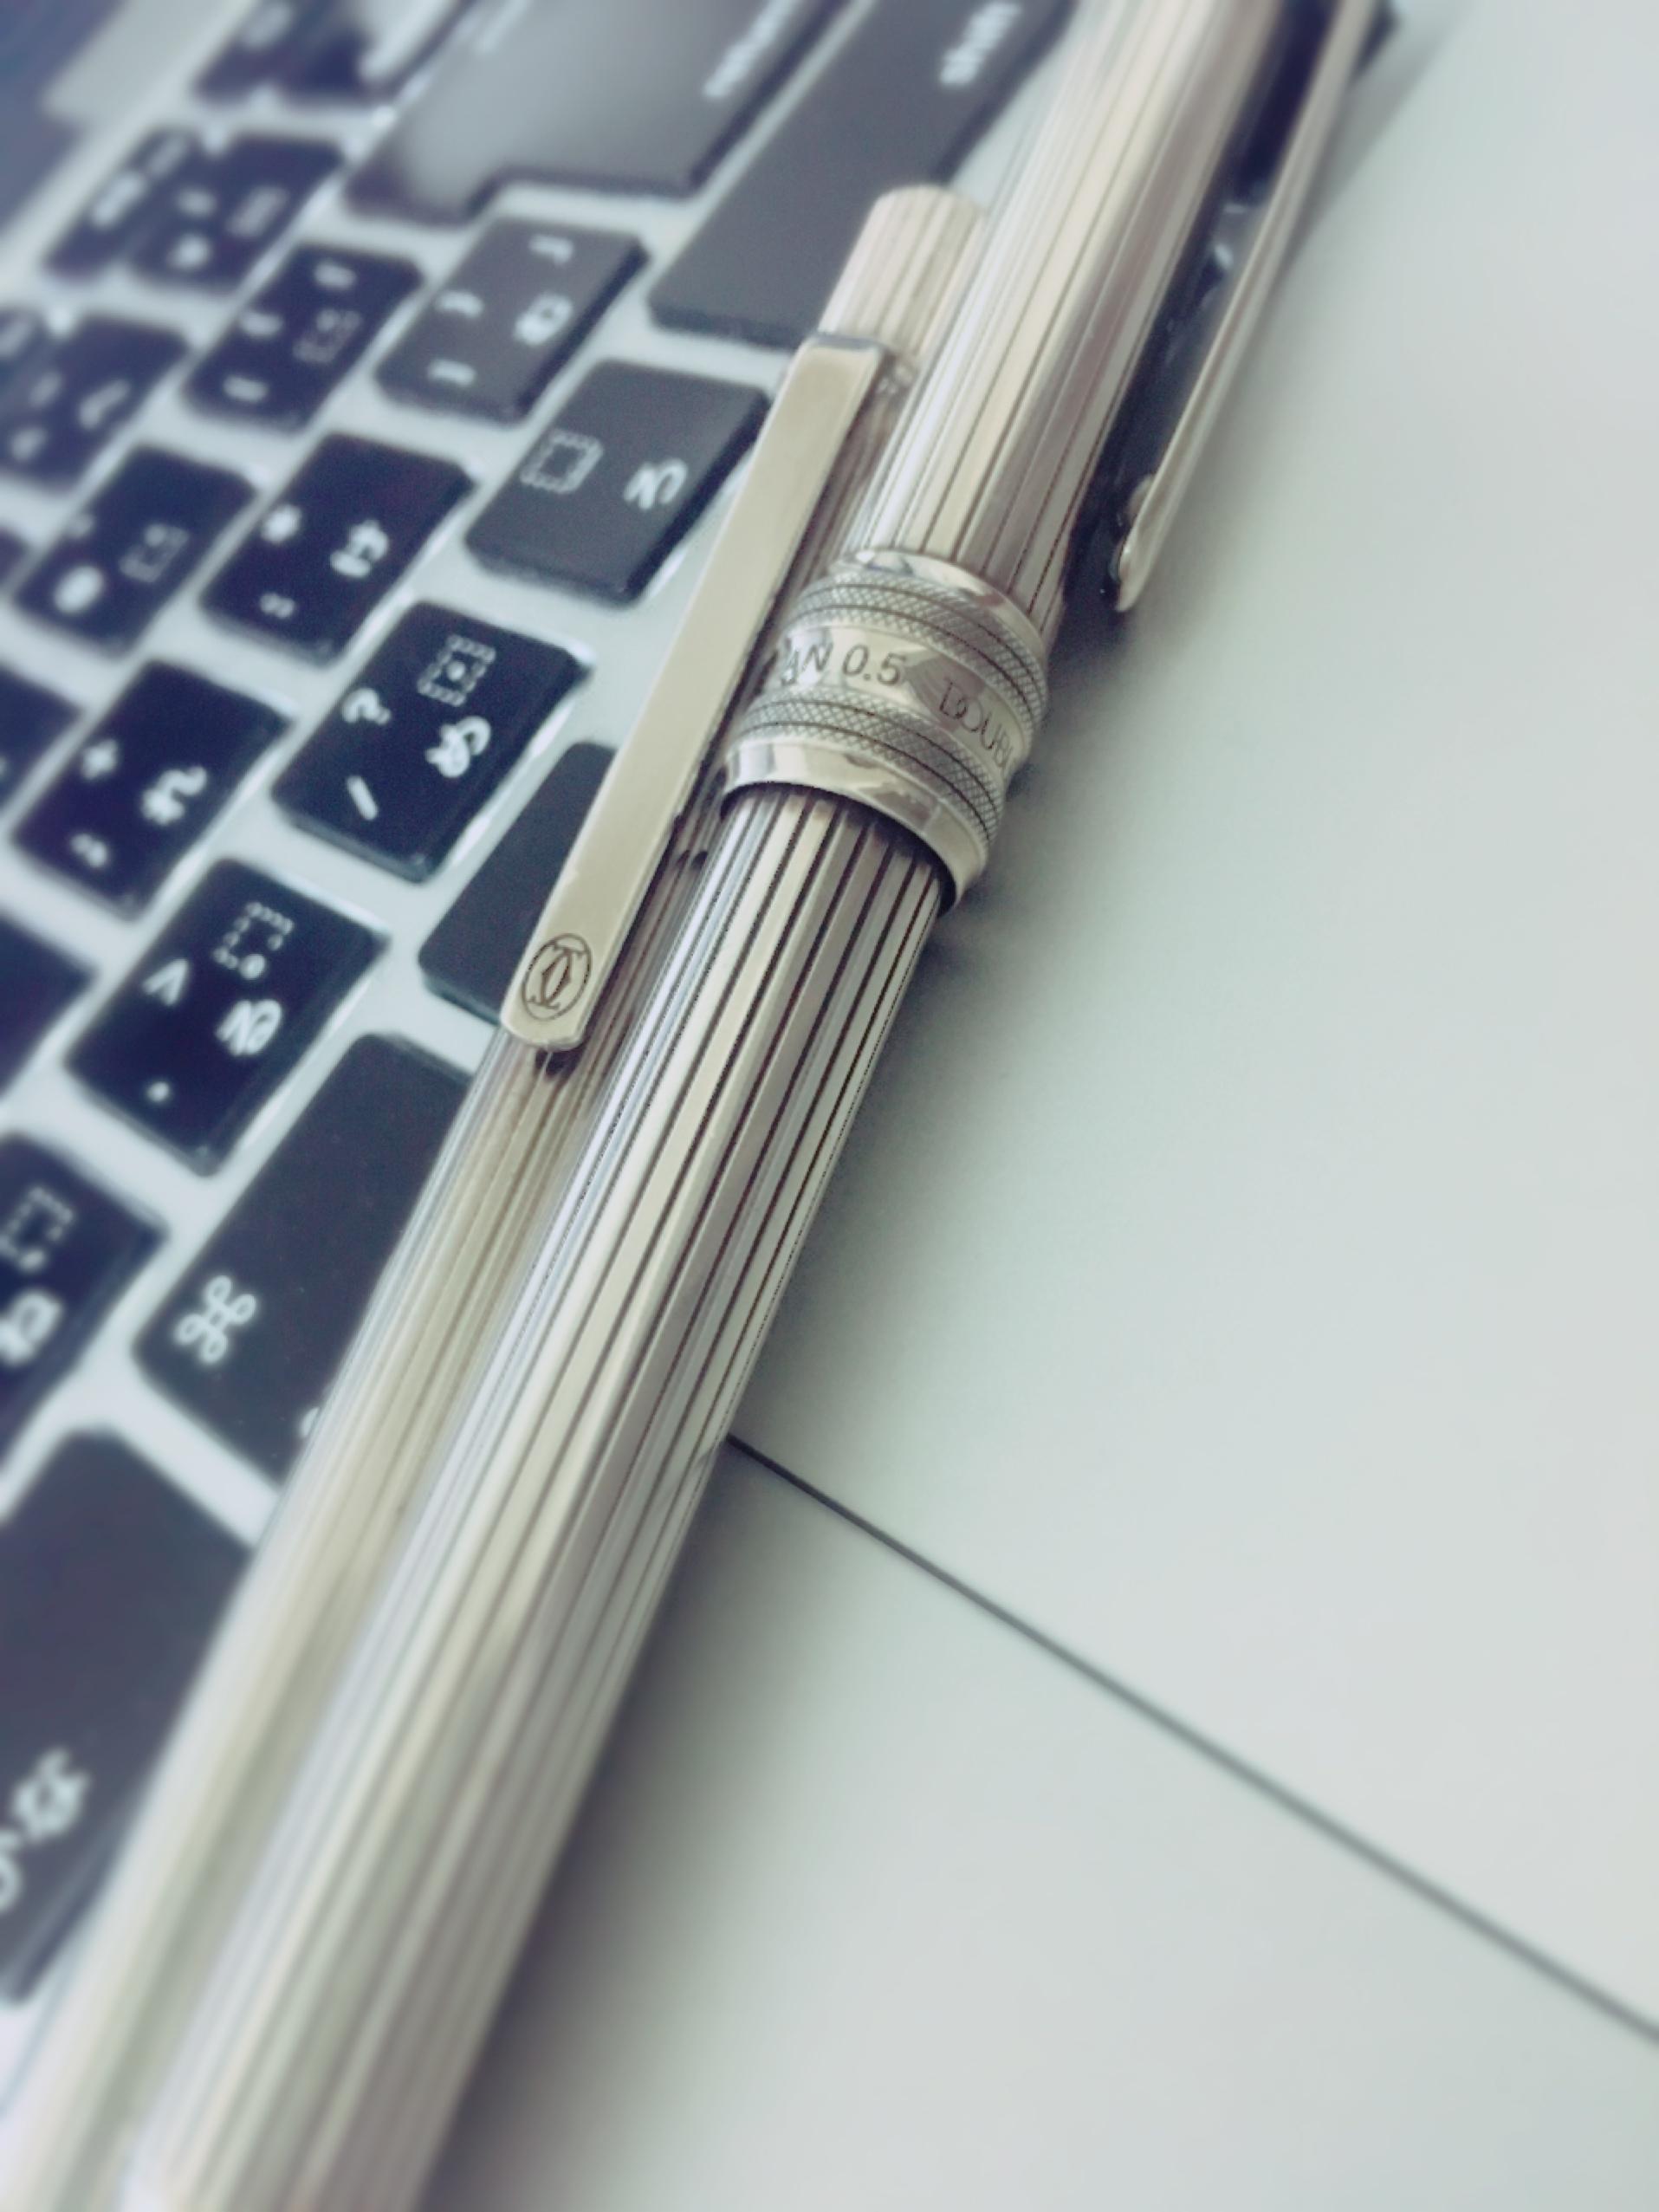 100円ボールペン、ノベルティボールペンは使わない。大切にしたいものを周りに置く。|行政書士阿部総合事務所